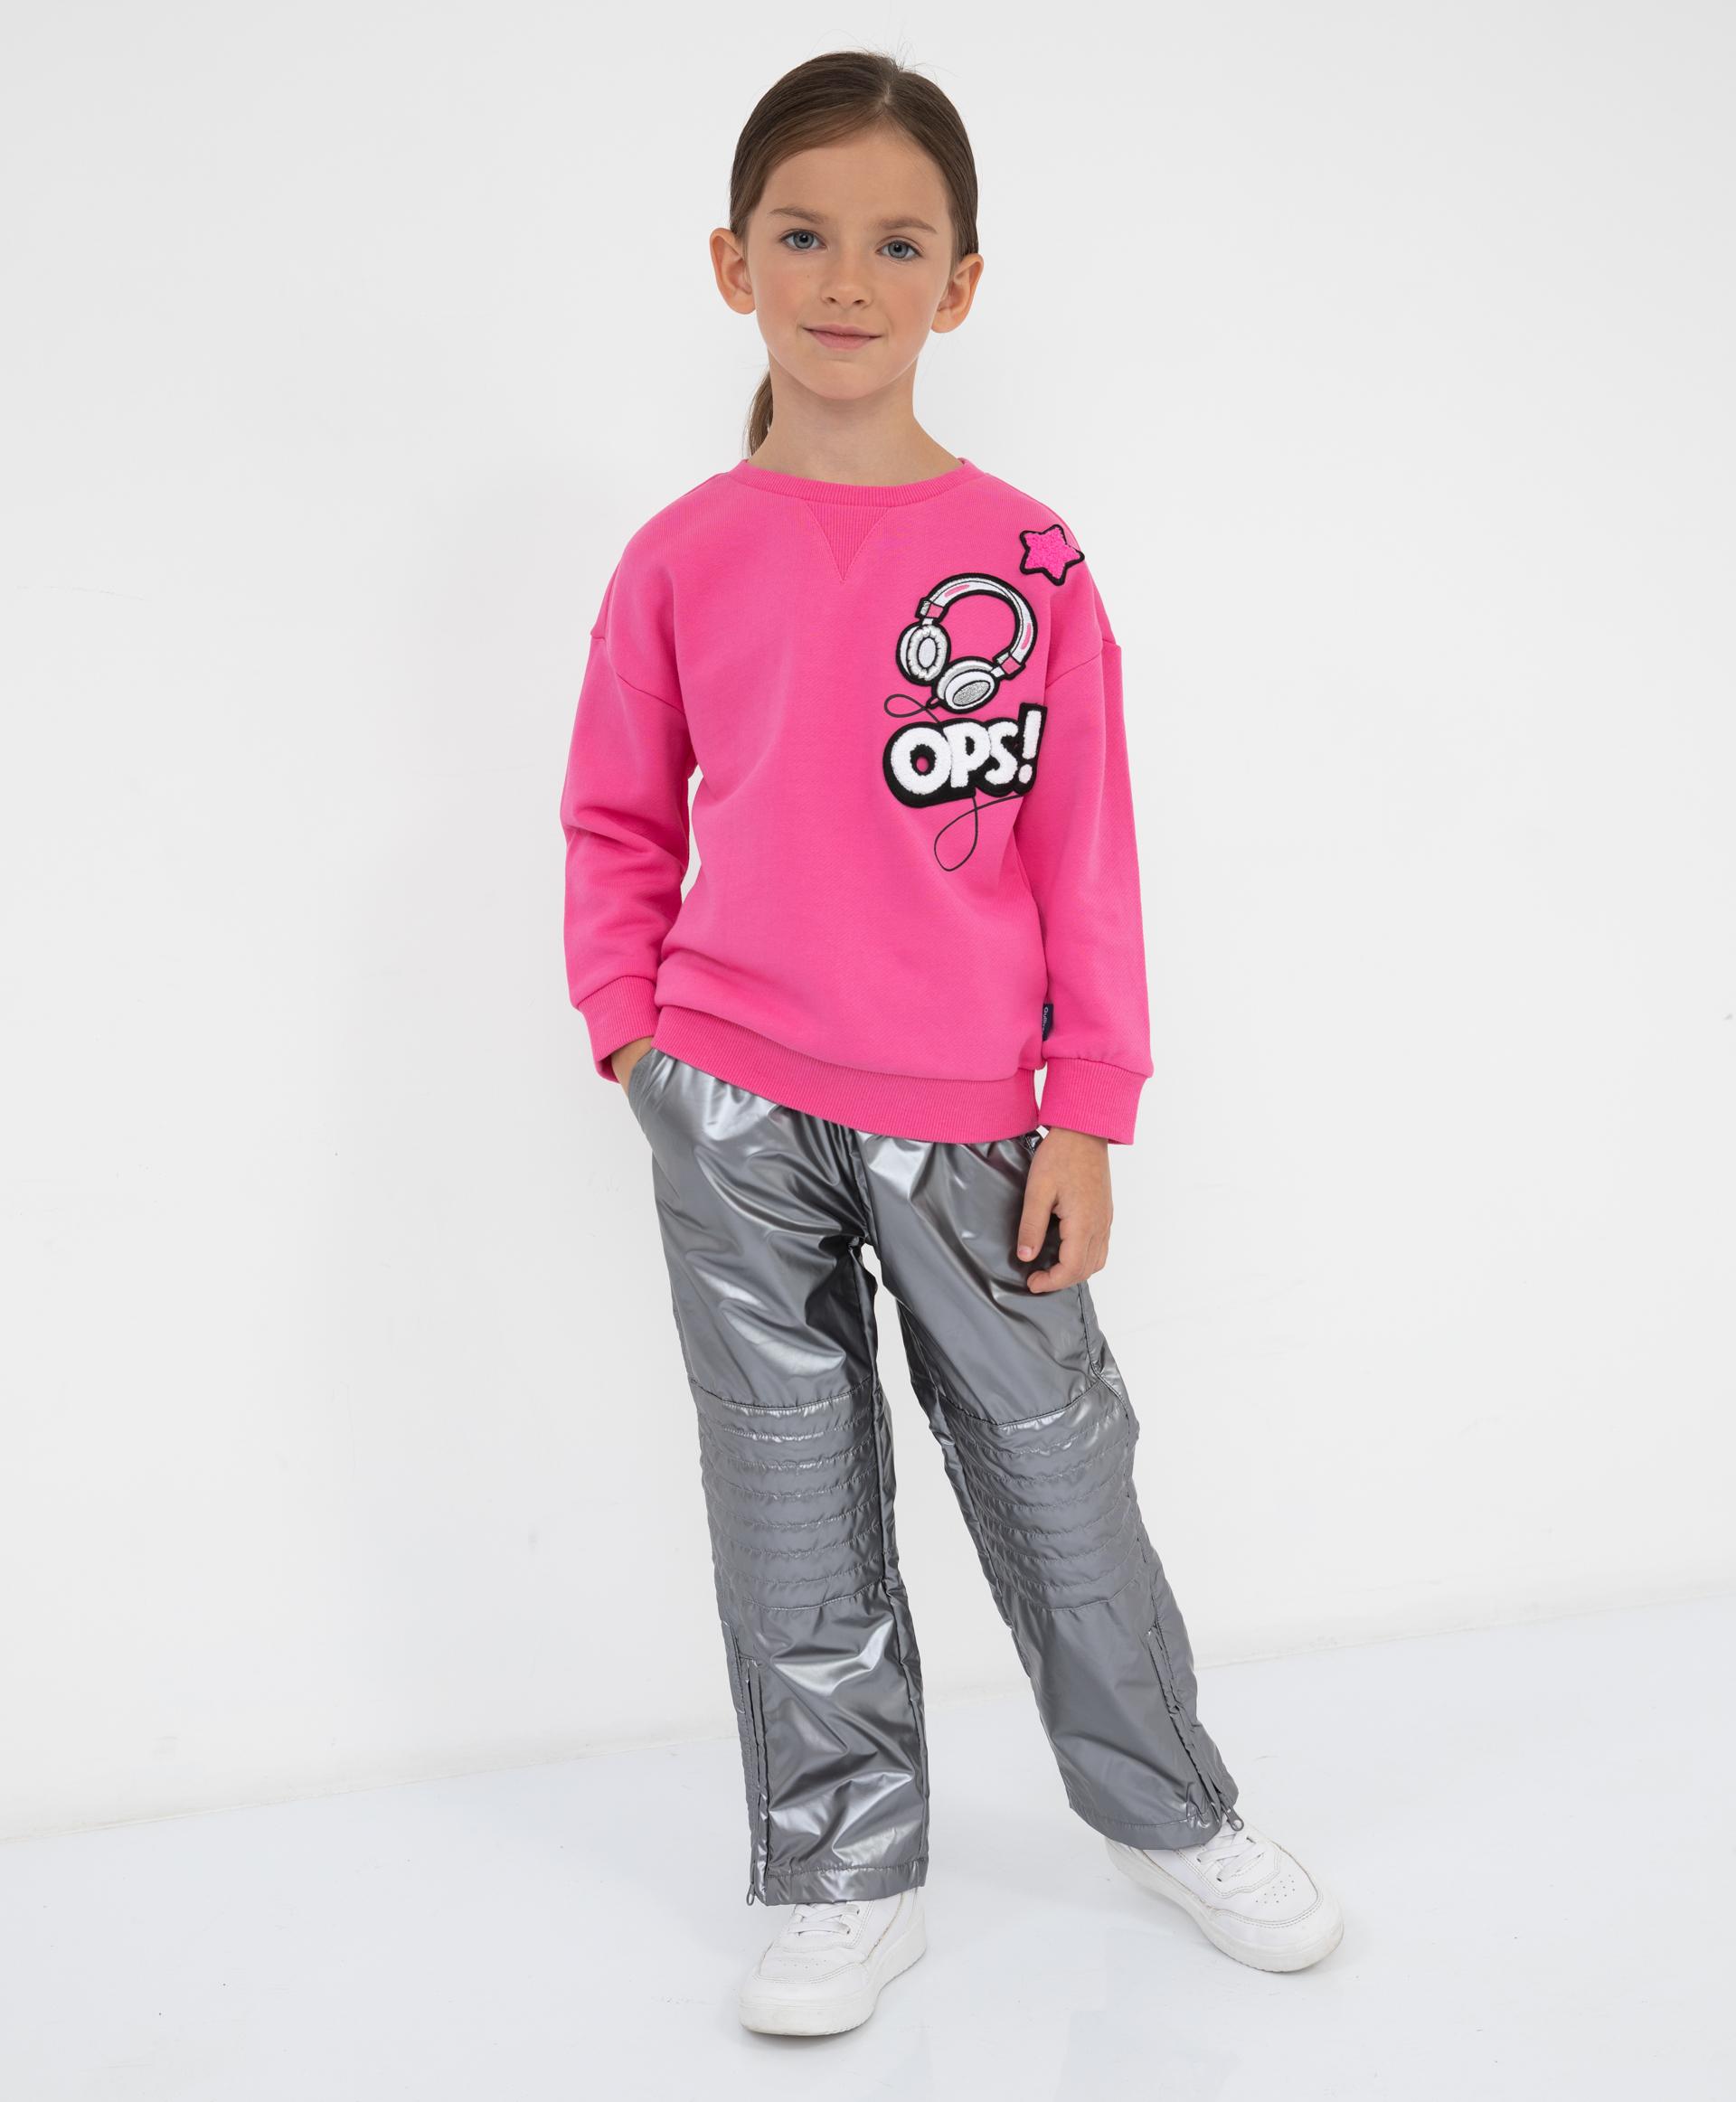 Купить 22003GMC6406, Серые плащевые брюки Gulliver, серый, 122, Полиэстер, Женский, Демисезон, ОСЕНЬ/ЗИМА 2020-2021 (shop: GulliverMarket Gulliver Market)